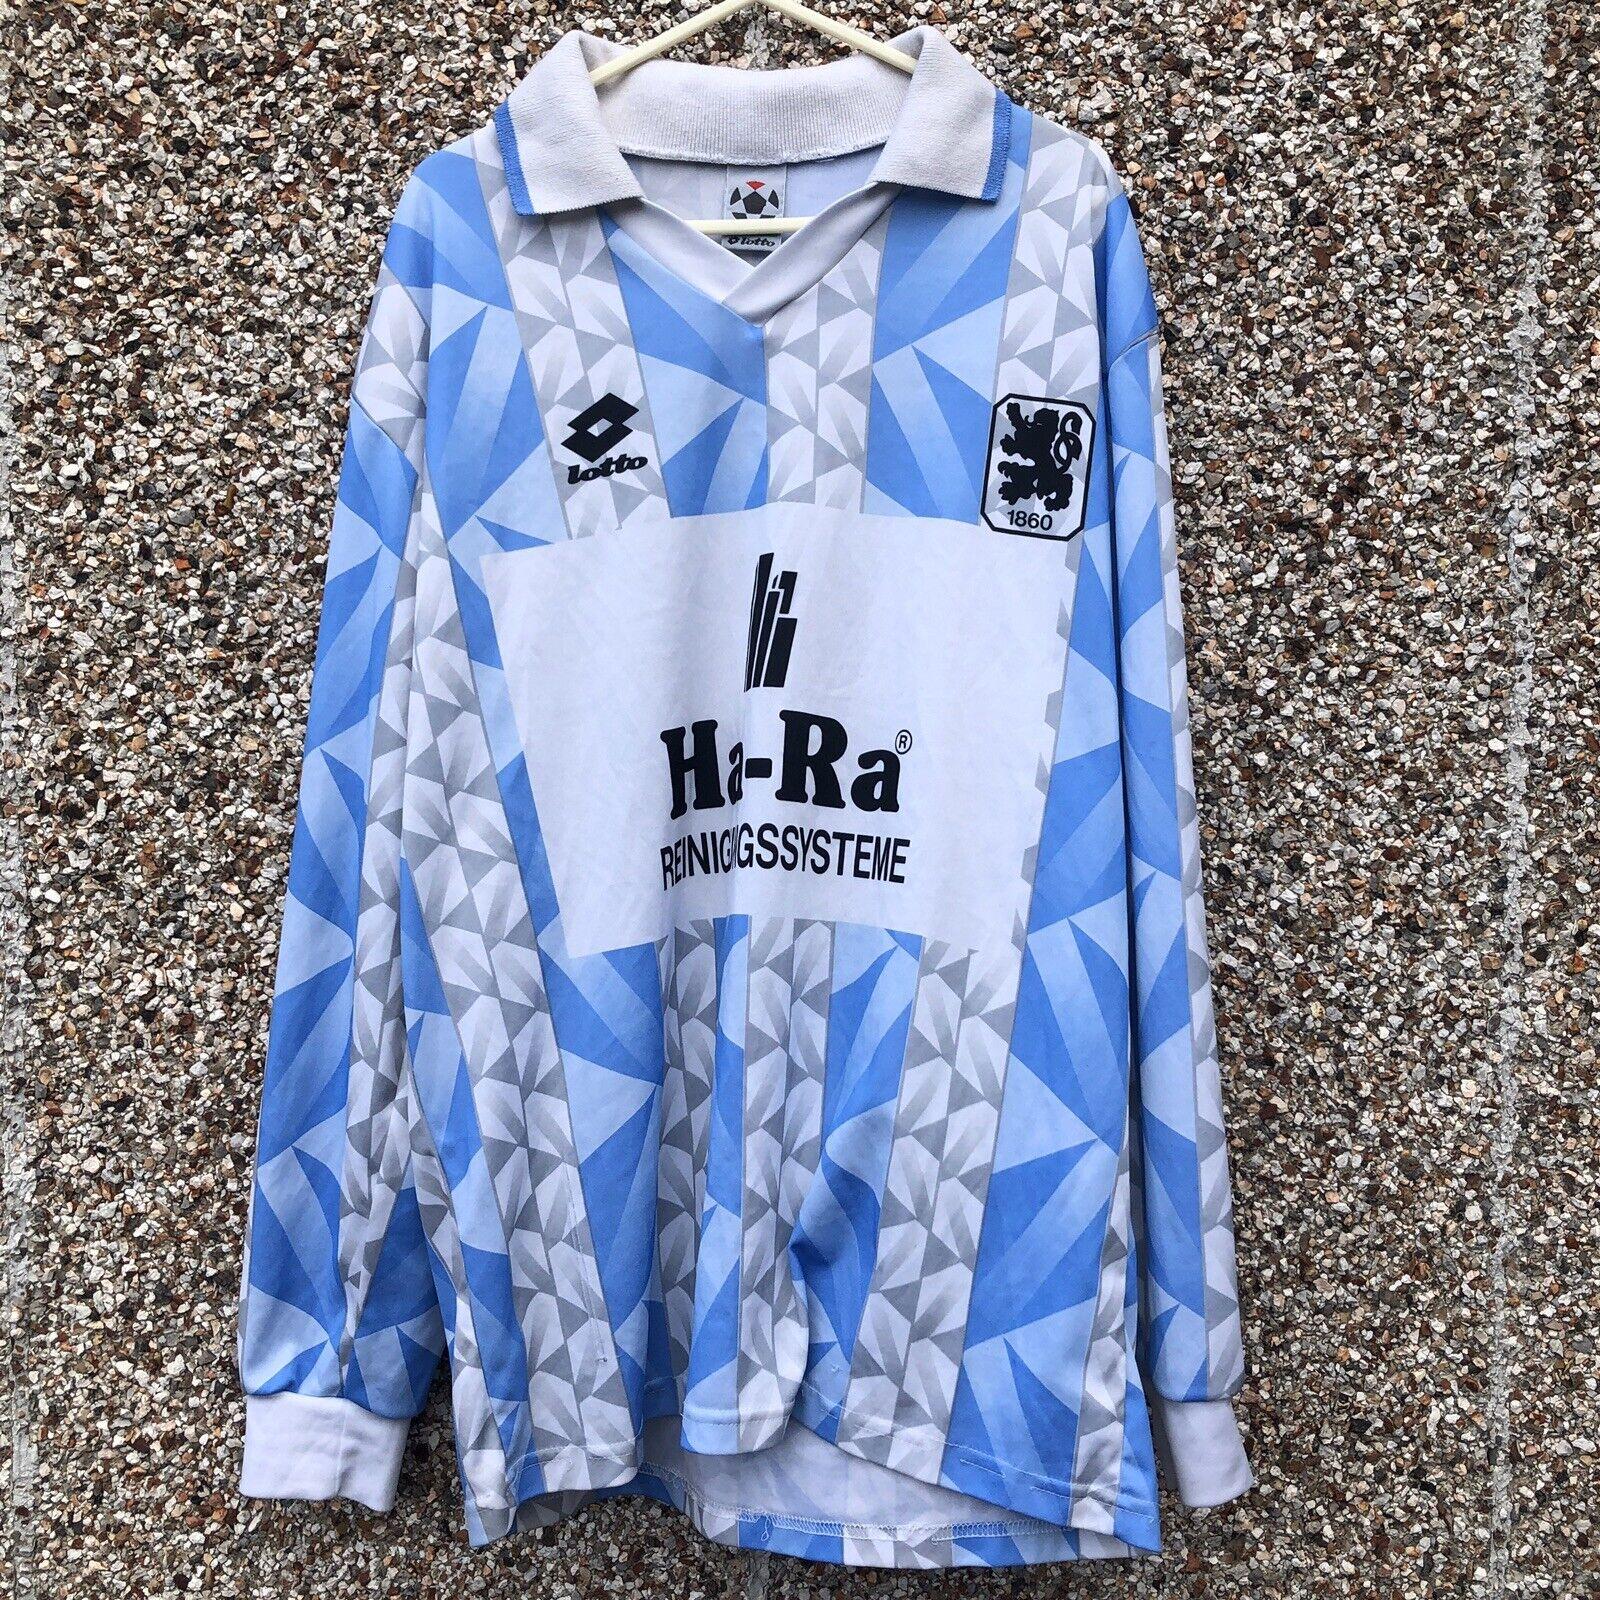 TSV 1860 Monaco di Baviera Camicia a uomoiche lunghe da calcio 1993 1994 LOTTO SOCCER JERSEYM